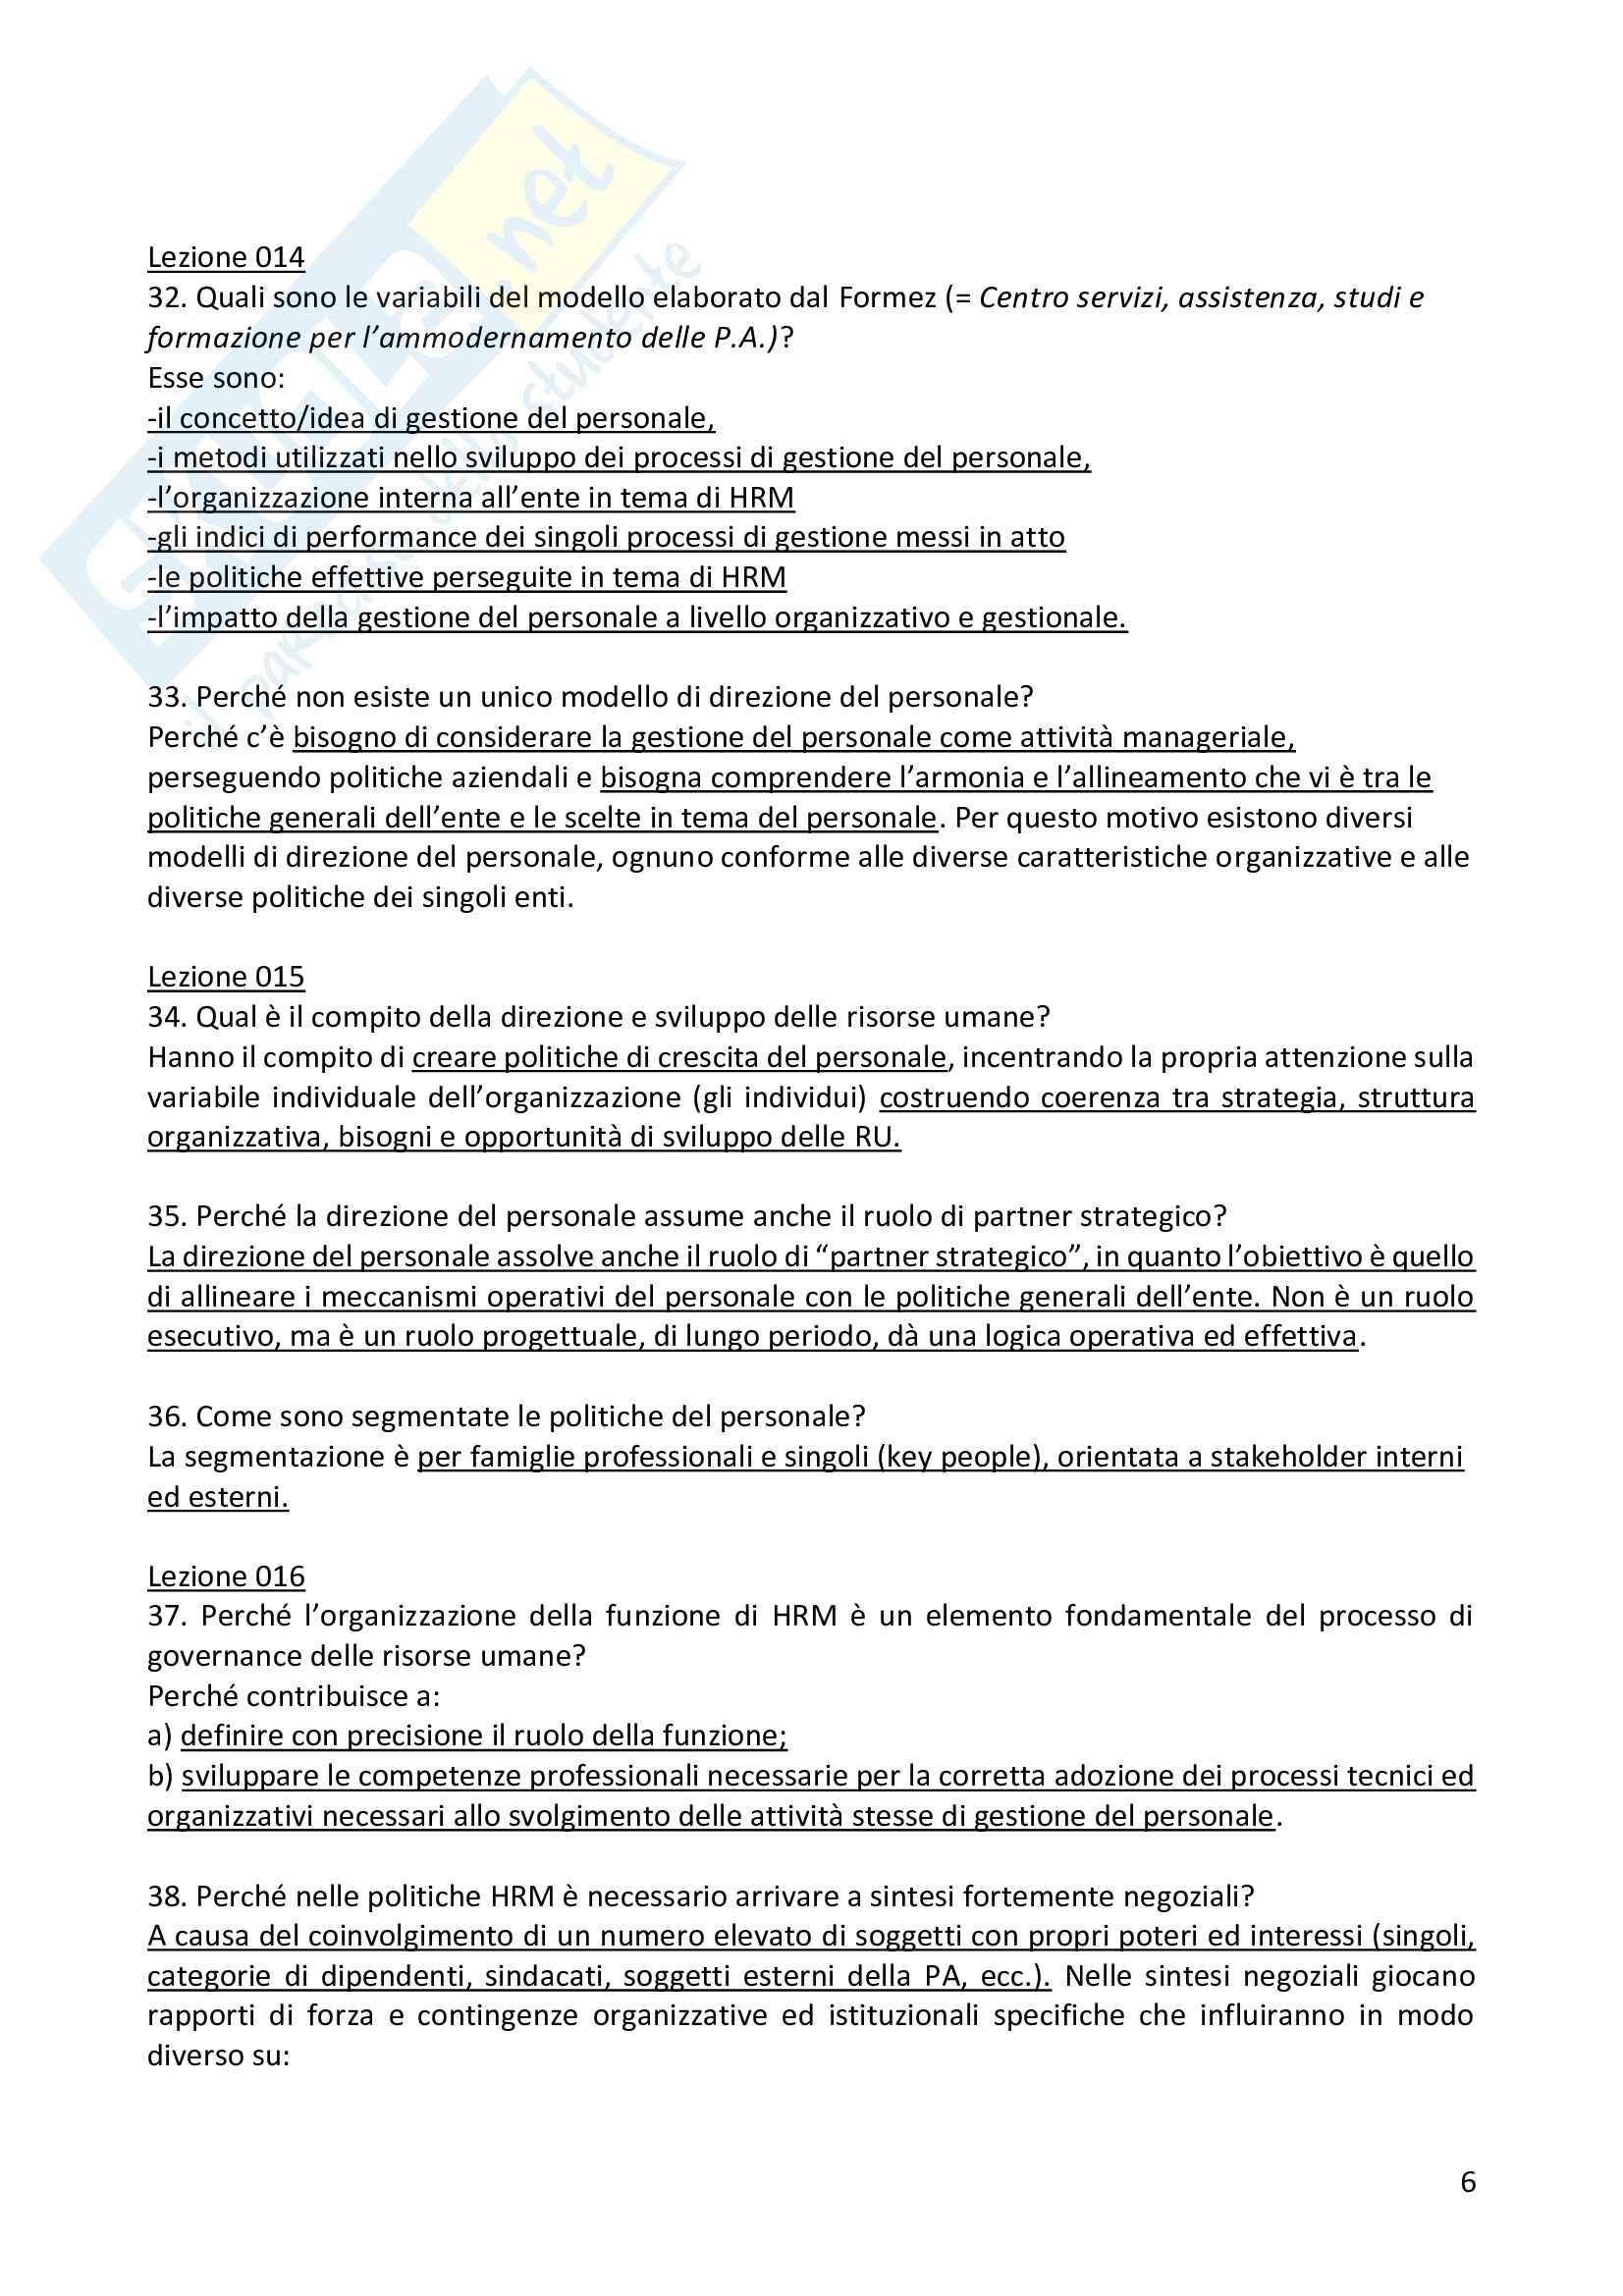 """Risposte alle domande aperte dell'esame """"Organizzazione e gestione del personale nelle Pubbliche Amministrazioni"""" Pag. 6"""